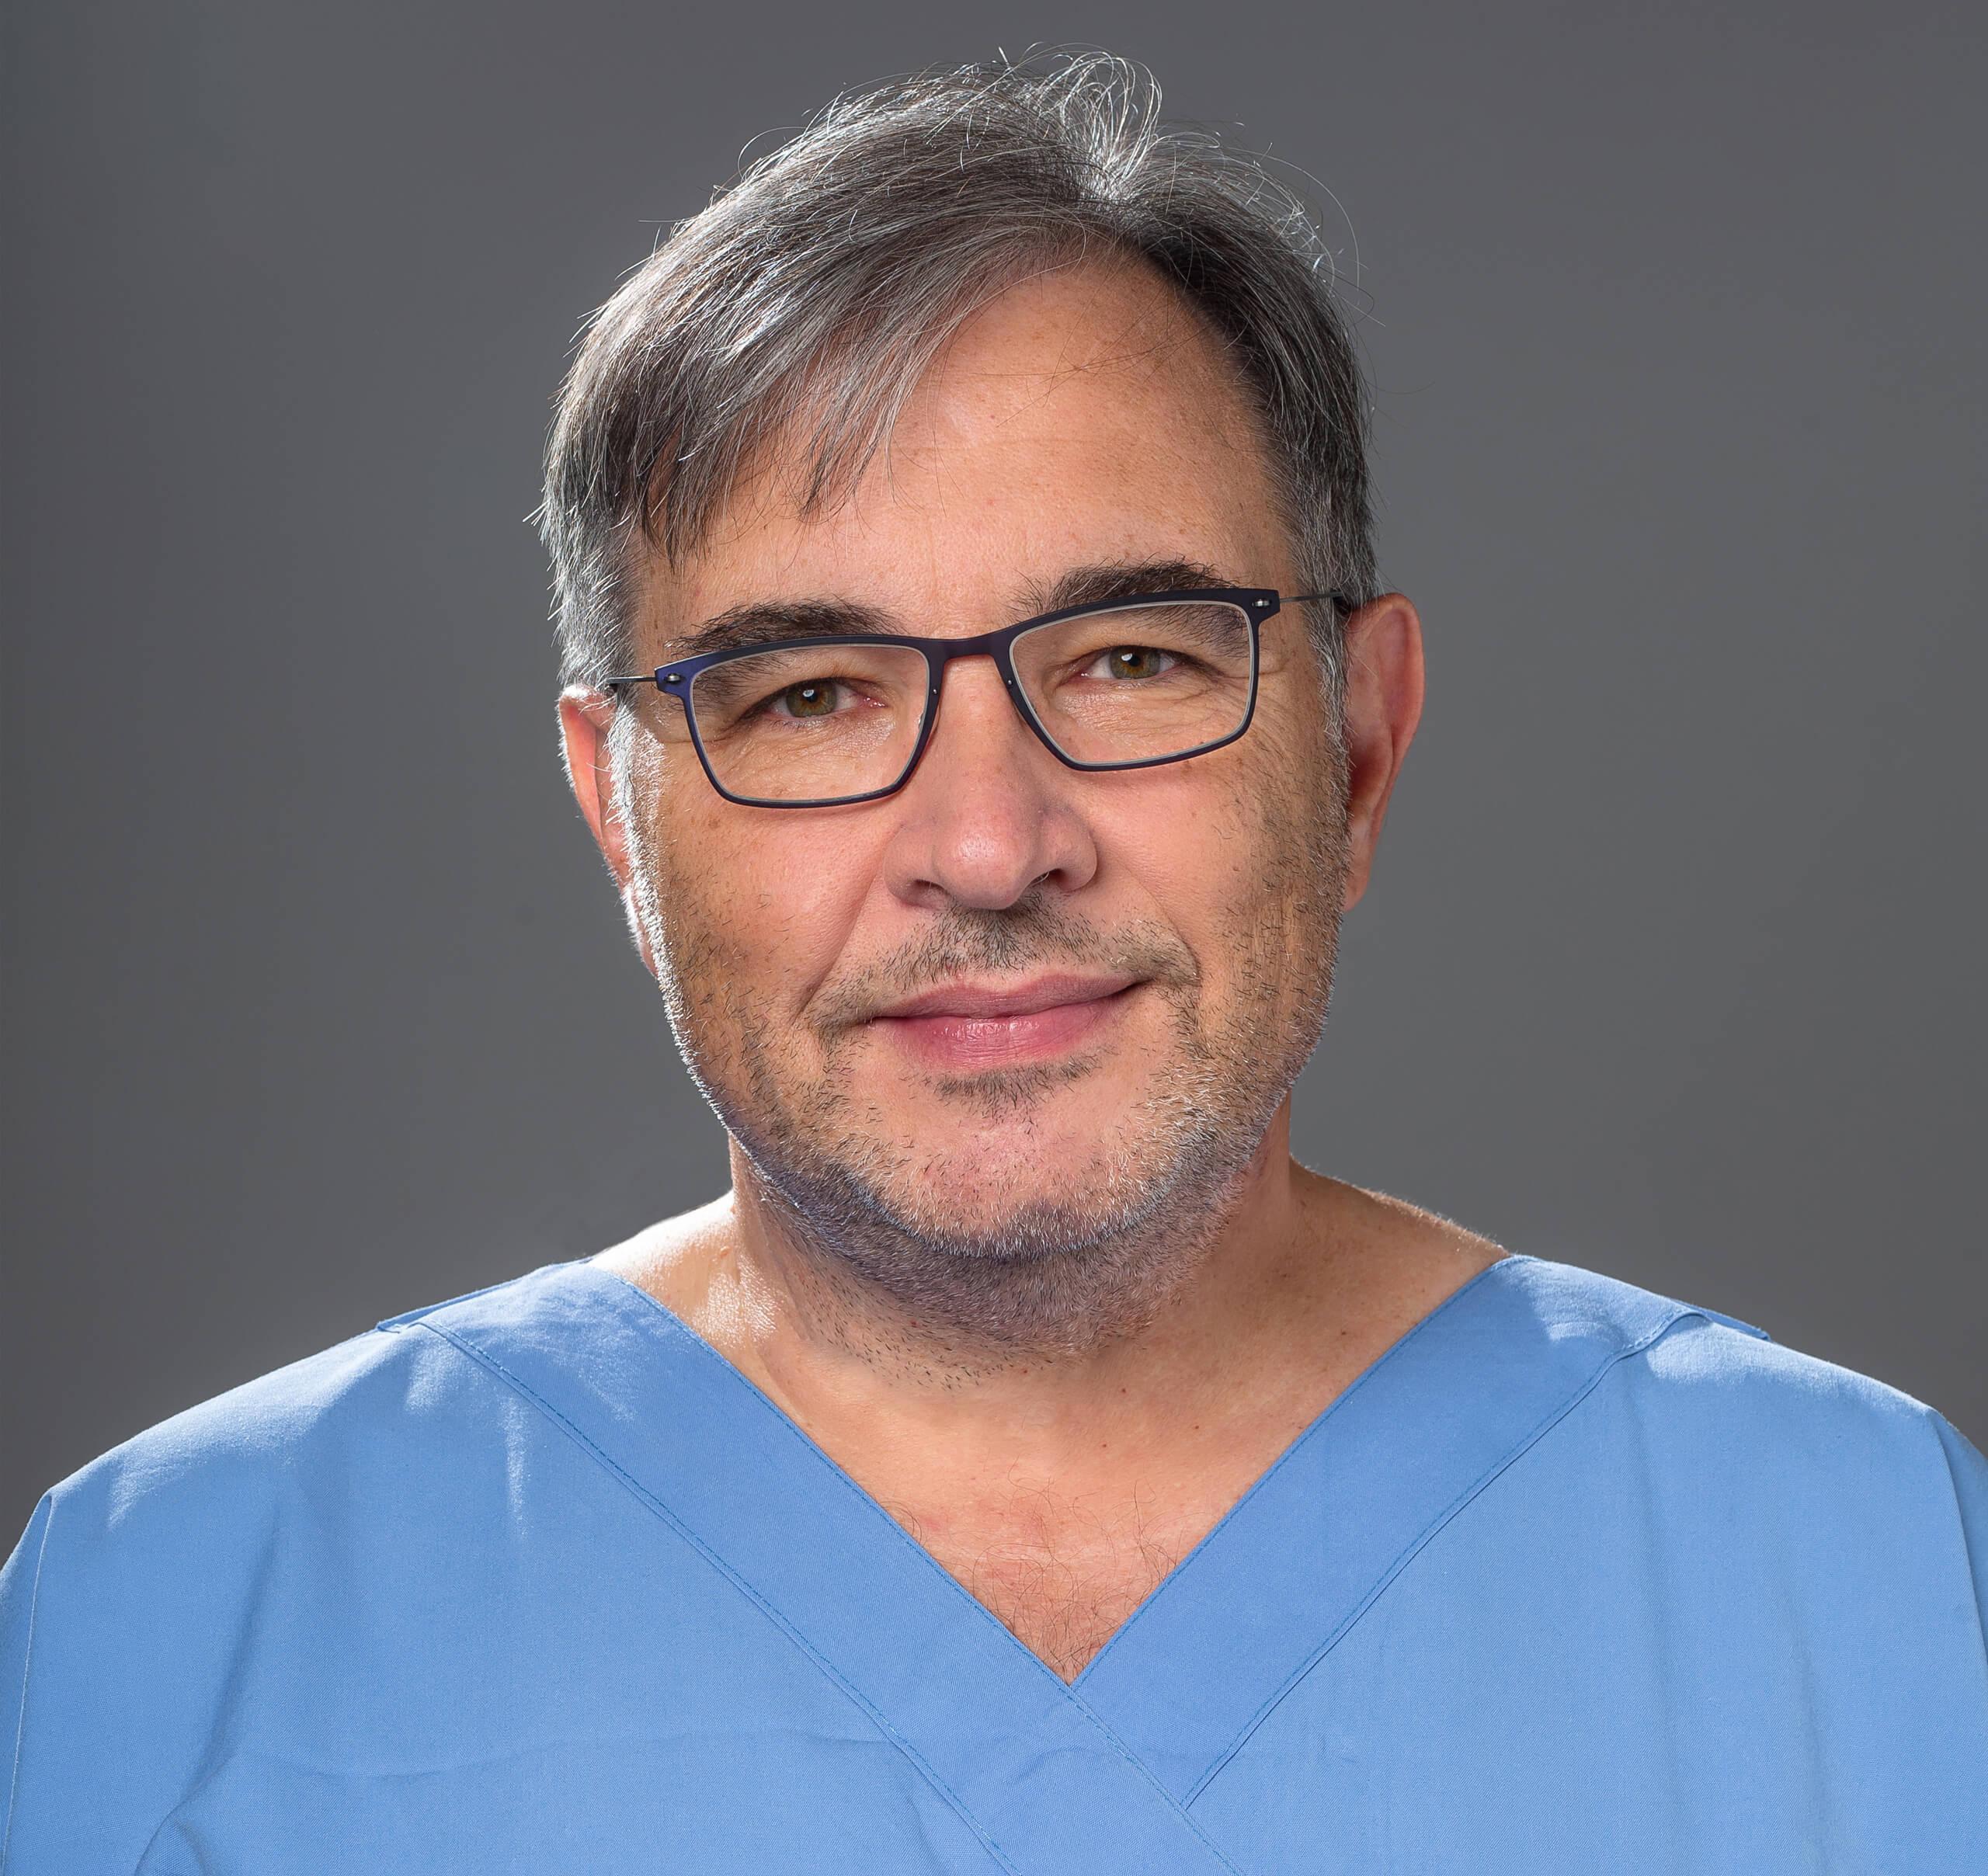 Φωτογραφία του πλαστικού χειρουργού Δημήτρη Μαστοράκου